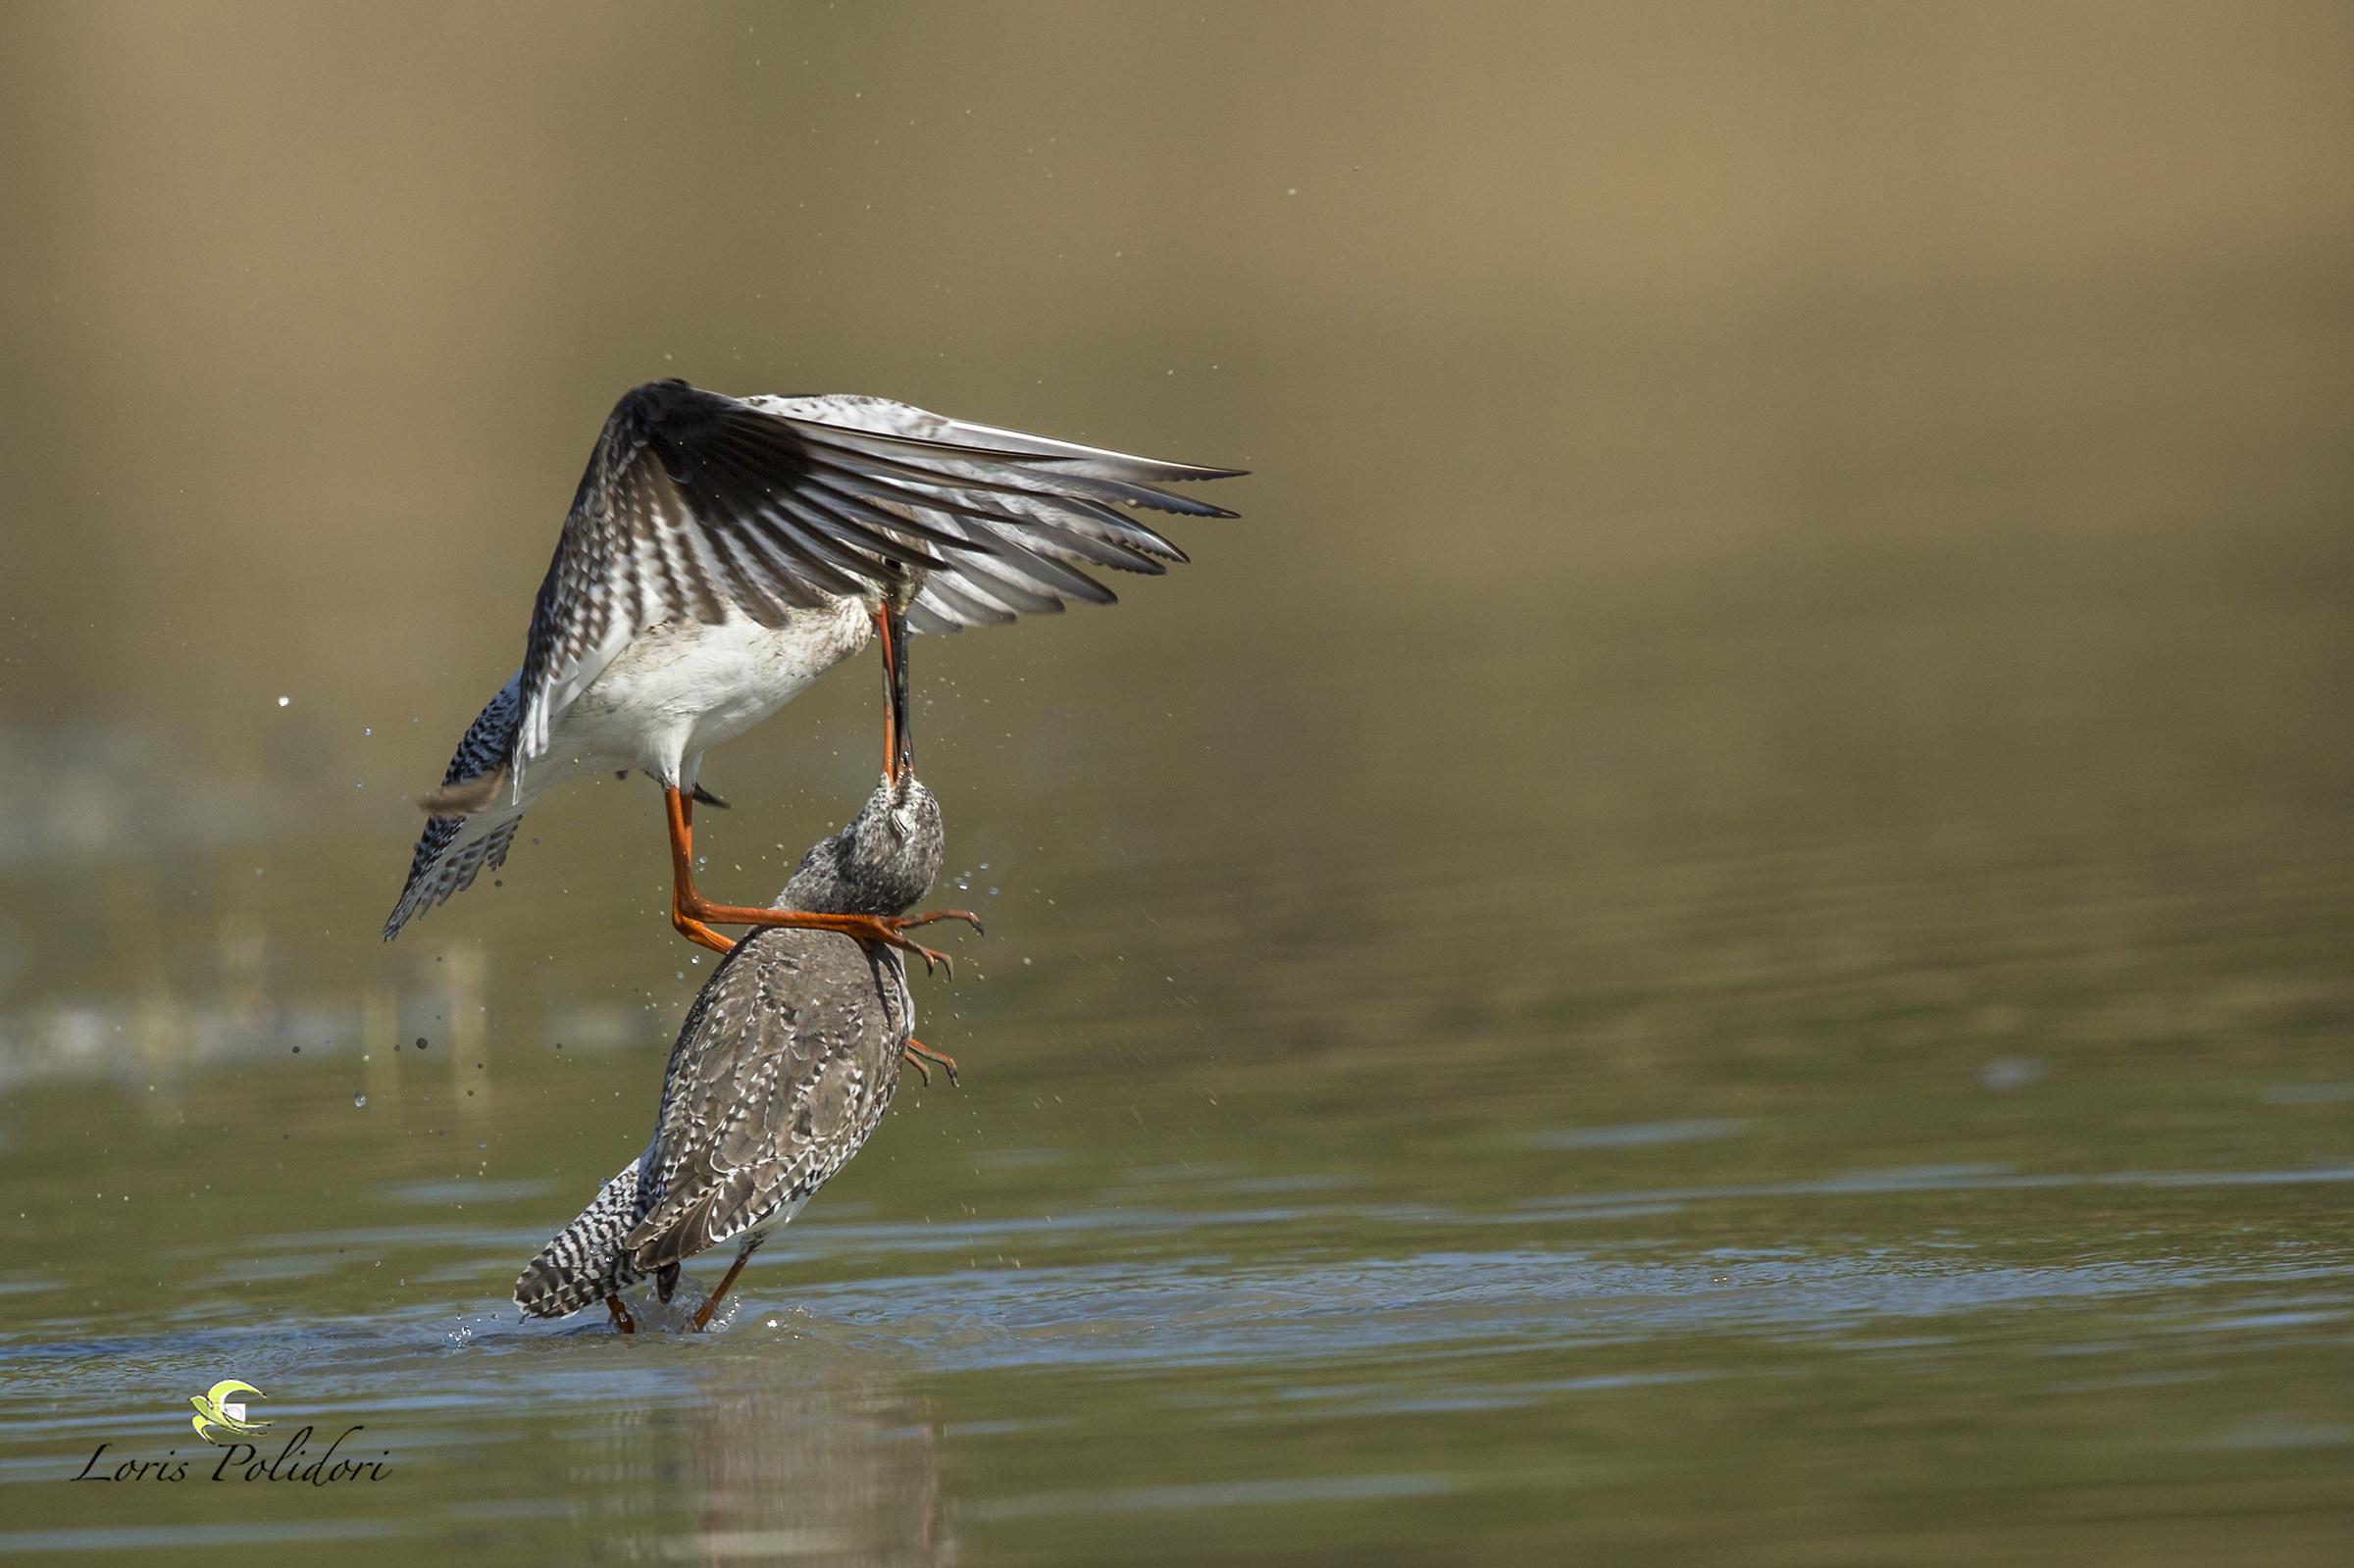 fight ... beak to beak...